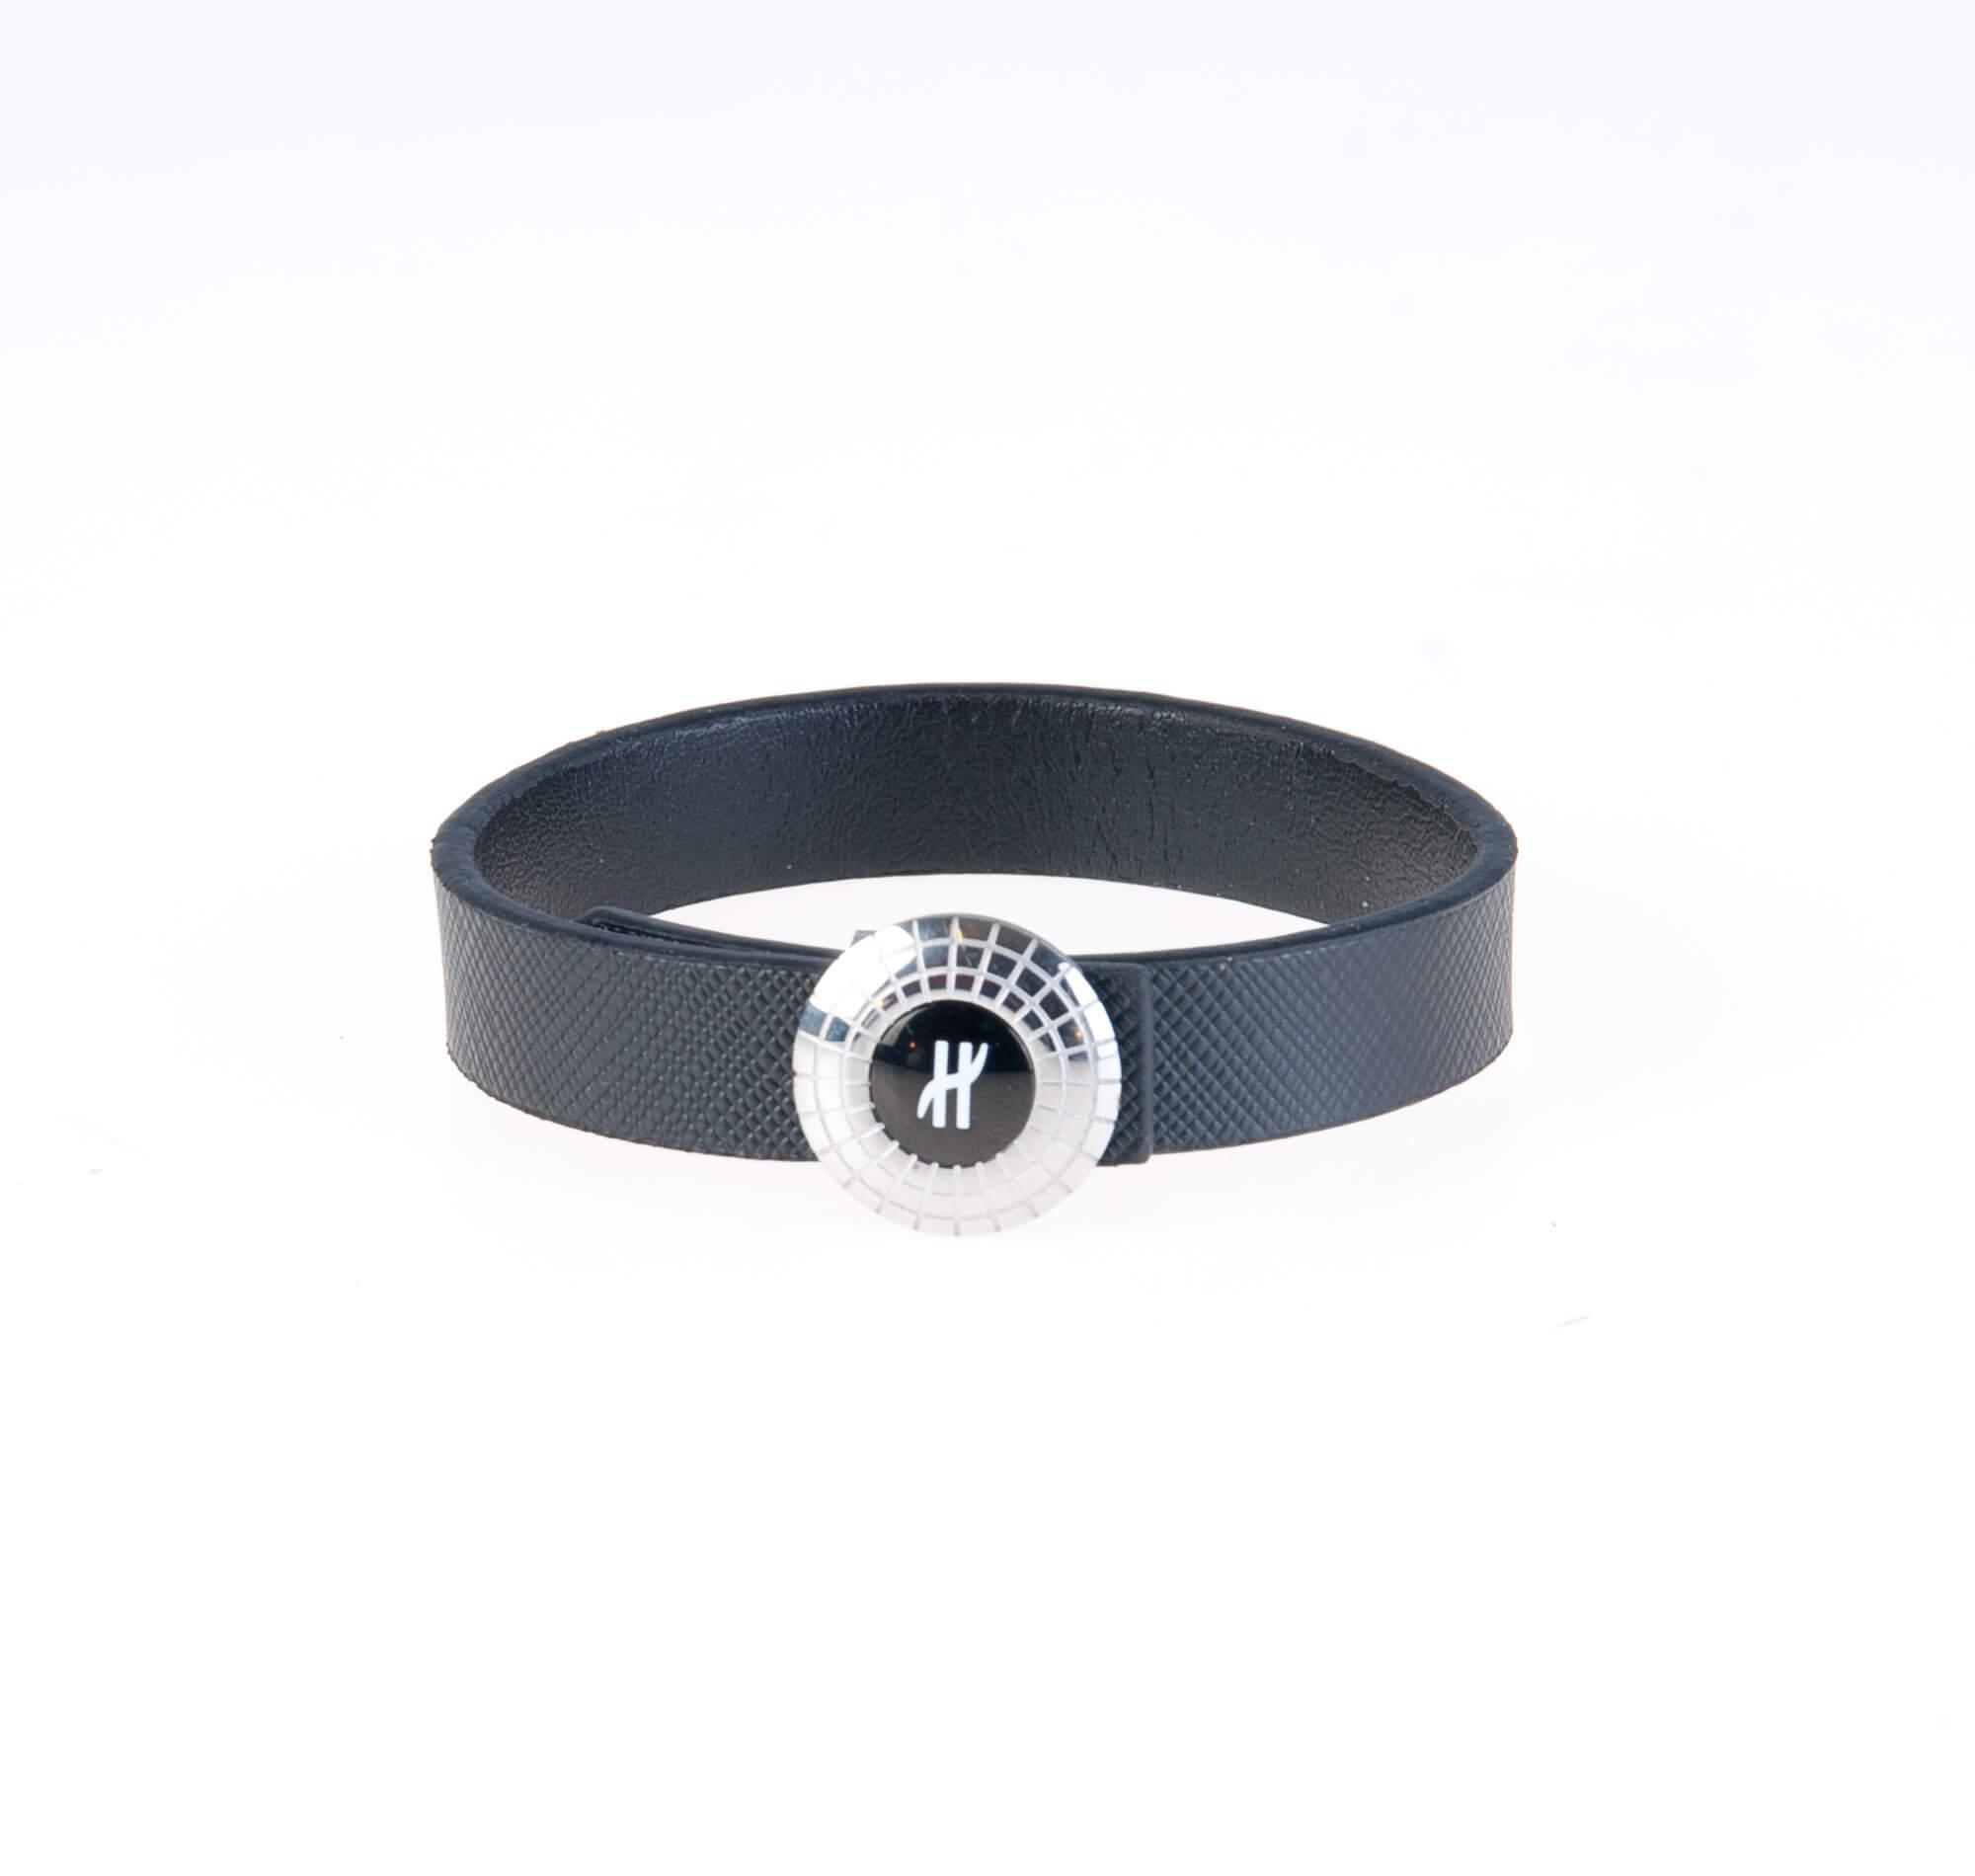 دستبند چرمی نقره ای مشکی مردانه LM1019